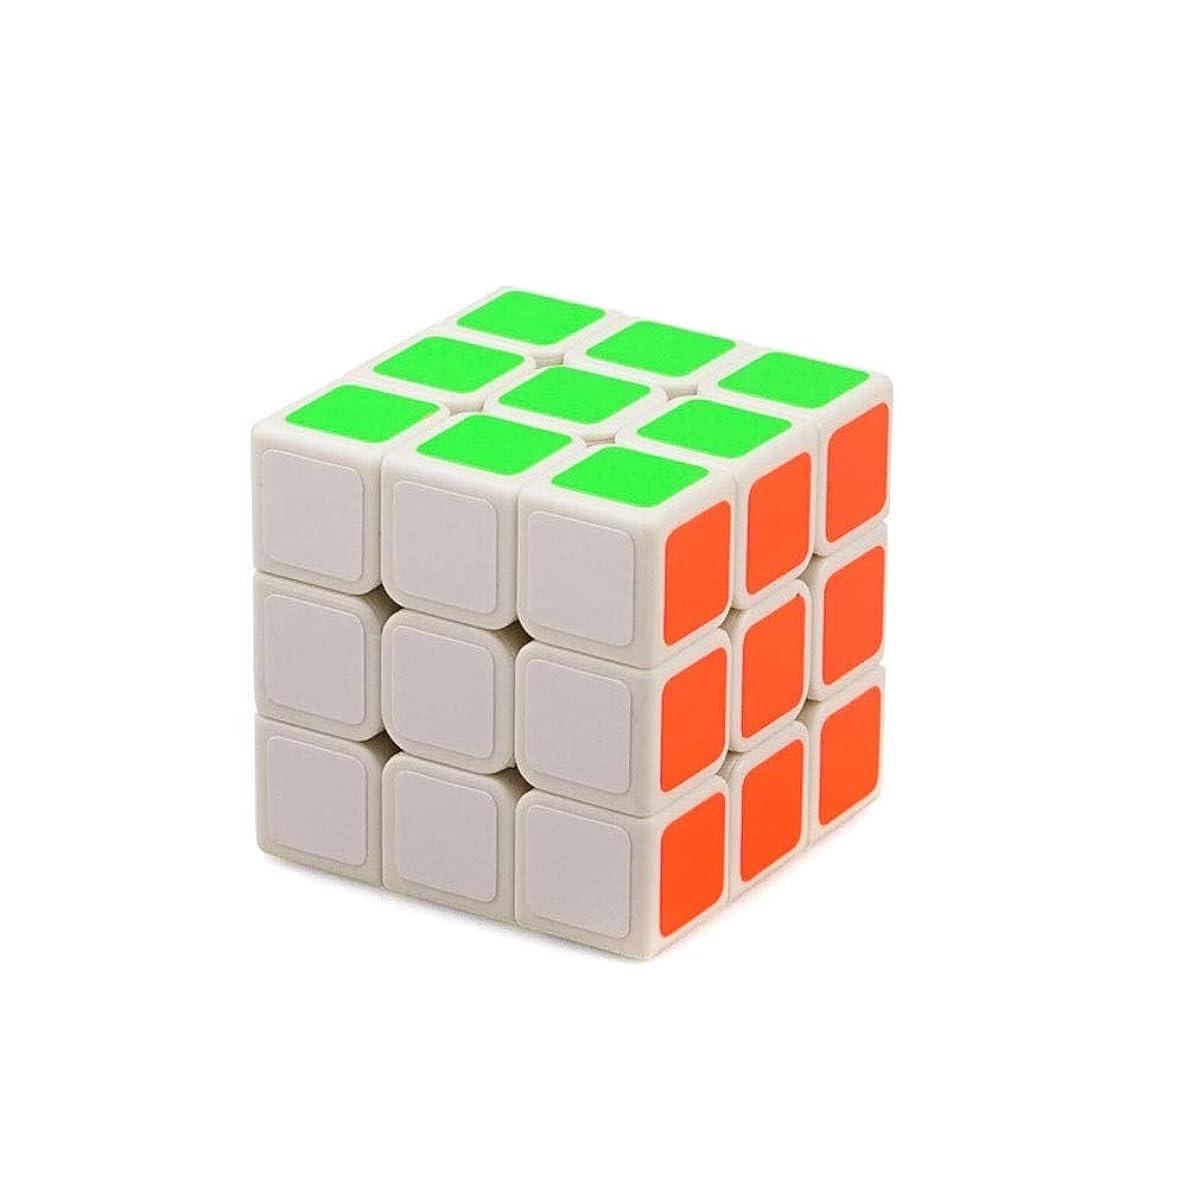 責めるに話す再生Jielongtongxun ルービックキューブ、スタイリッシュなホワイトキューブ、なめらかな感触、ゲームのプロ用キューブとして使用可能(三次) 美しい (Color : White, Edition : Third-order)